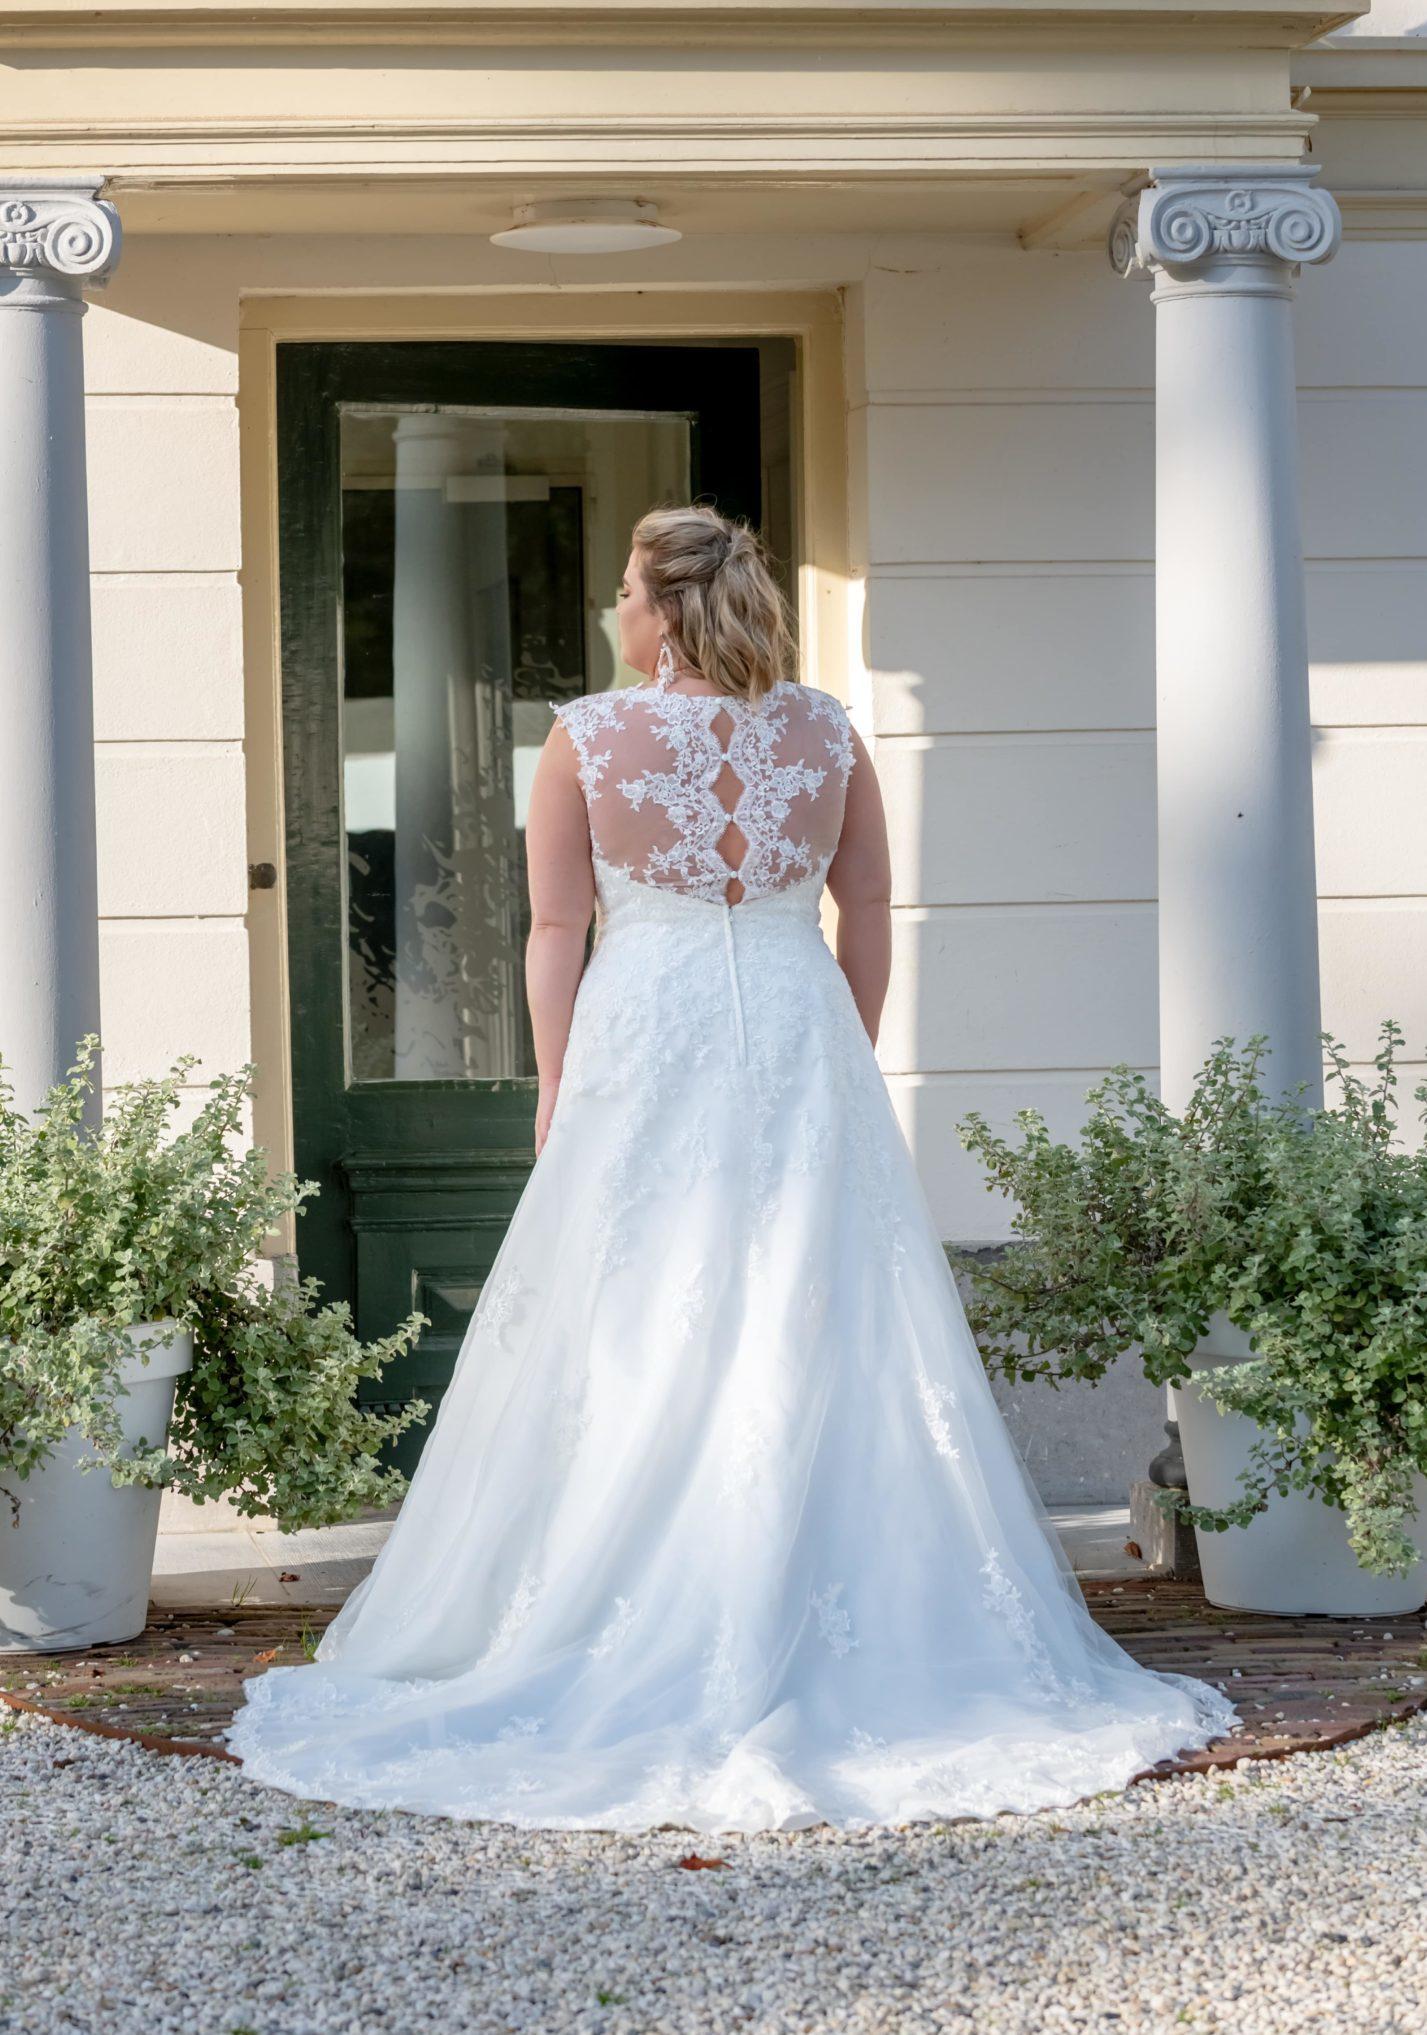 brautatelier ried-curvy bride collection-bridalstar-Grisella-spitze-ruecken-1-min